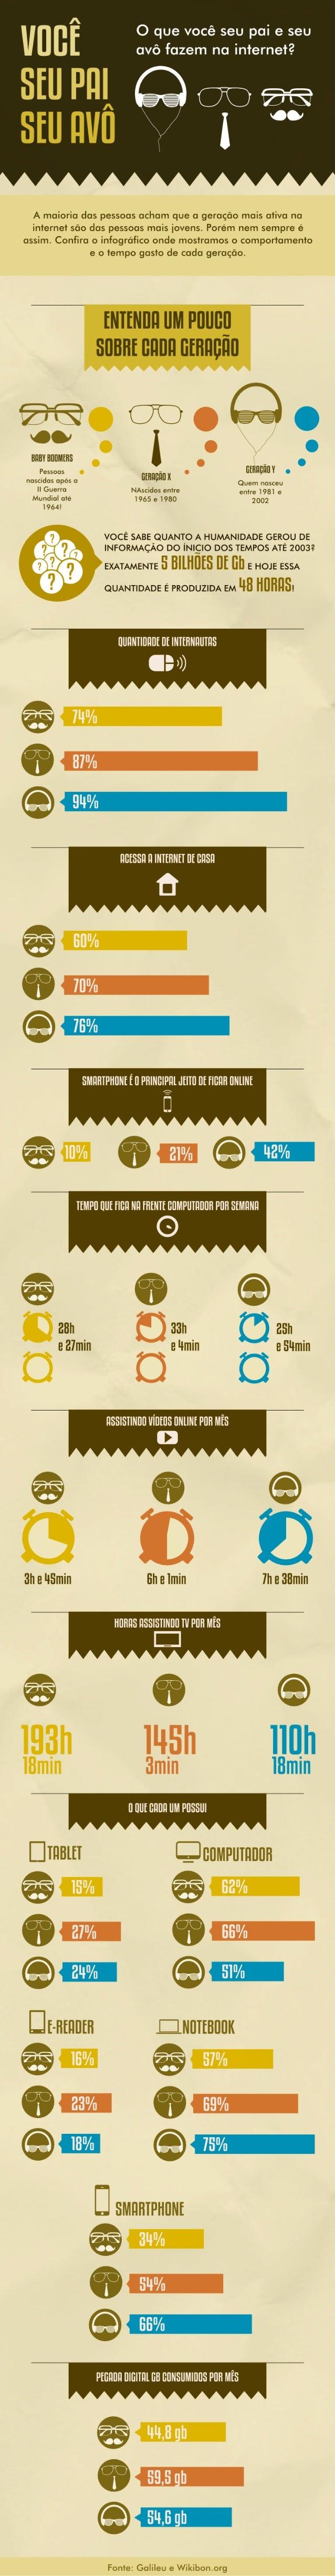 Infográfico: O que você, seu pai e seu avô fazem na internet?